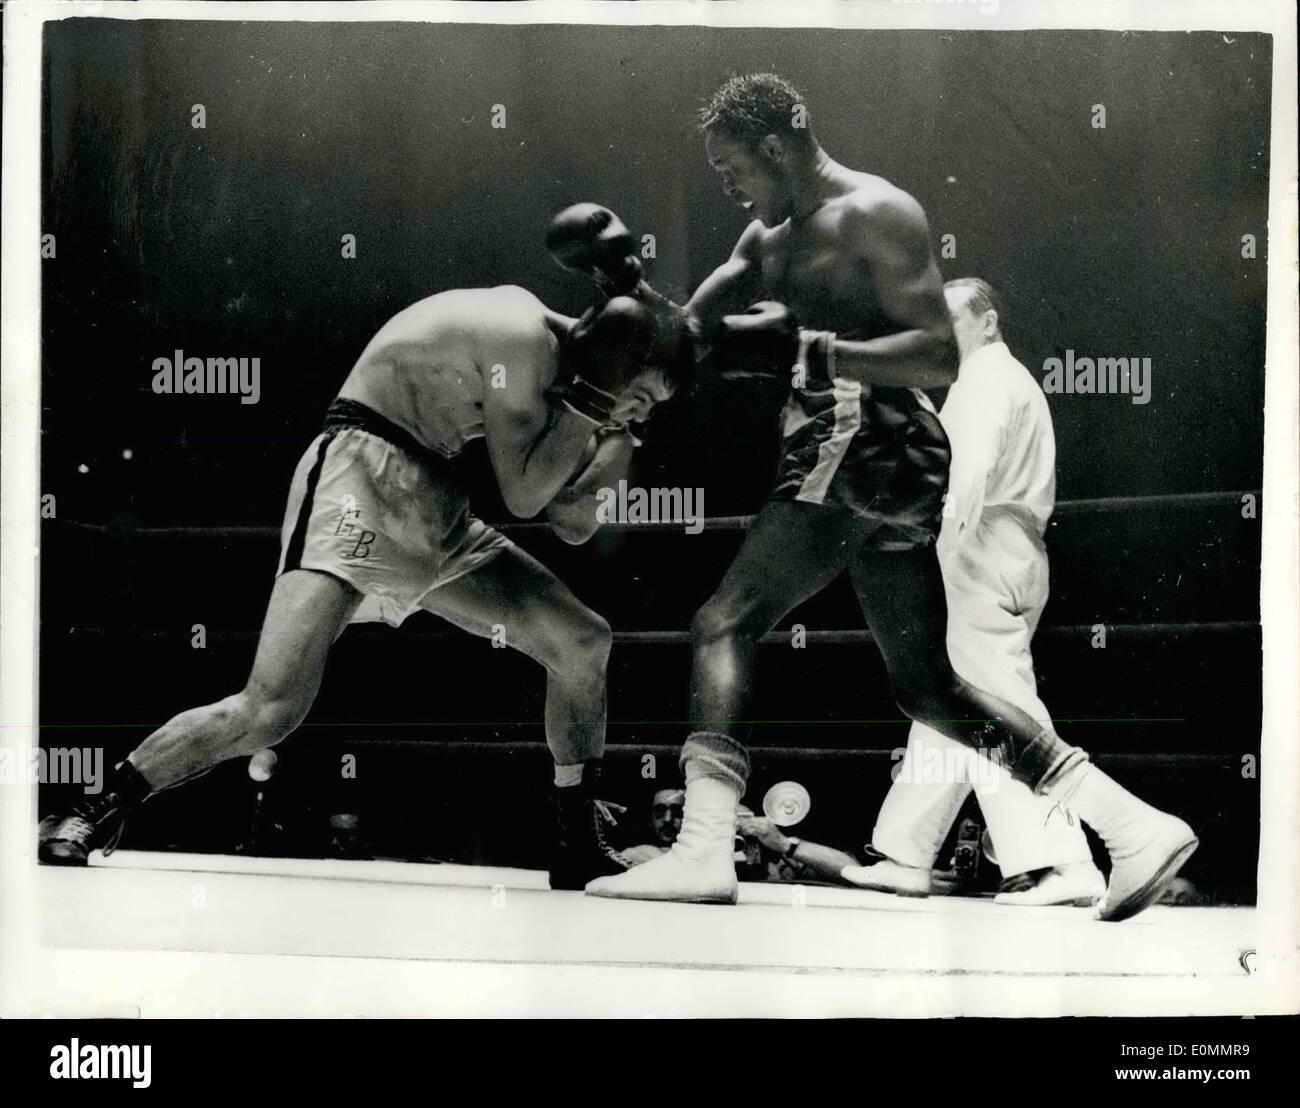 Mar 03, 1956 - Kid Gavilan in un'altra lotta fila a Parigi: capretto Gavilan, di Cuba, è stato coinvolto in un'altra decisione contestata a Parigi il giovedì notte. Il riferimento ha dato una decisione punti contro di lui nella sua lotta con Germimal Balarin, il francese middleweight, presso il Palais des Sports. Guardando il concorso era Peter Waterman chi outpointed Gavilan nell'ora controversa lotta, egli è in grado di soddisfare Gavilan in un concorso di ritorno a Londra il 24 aprile Immagini Stock